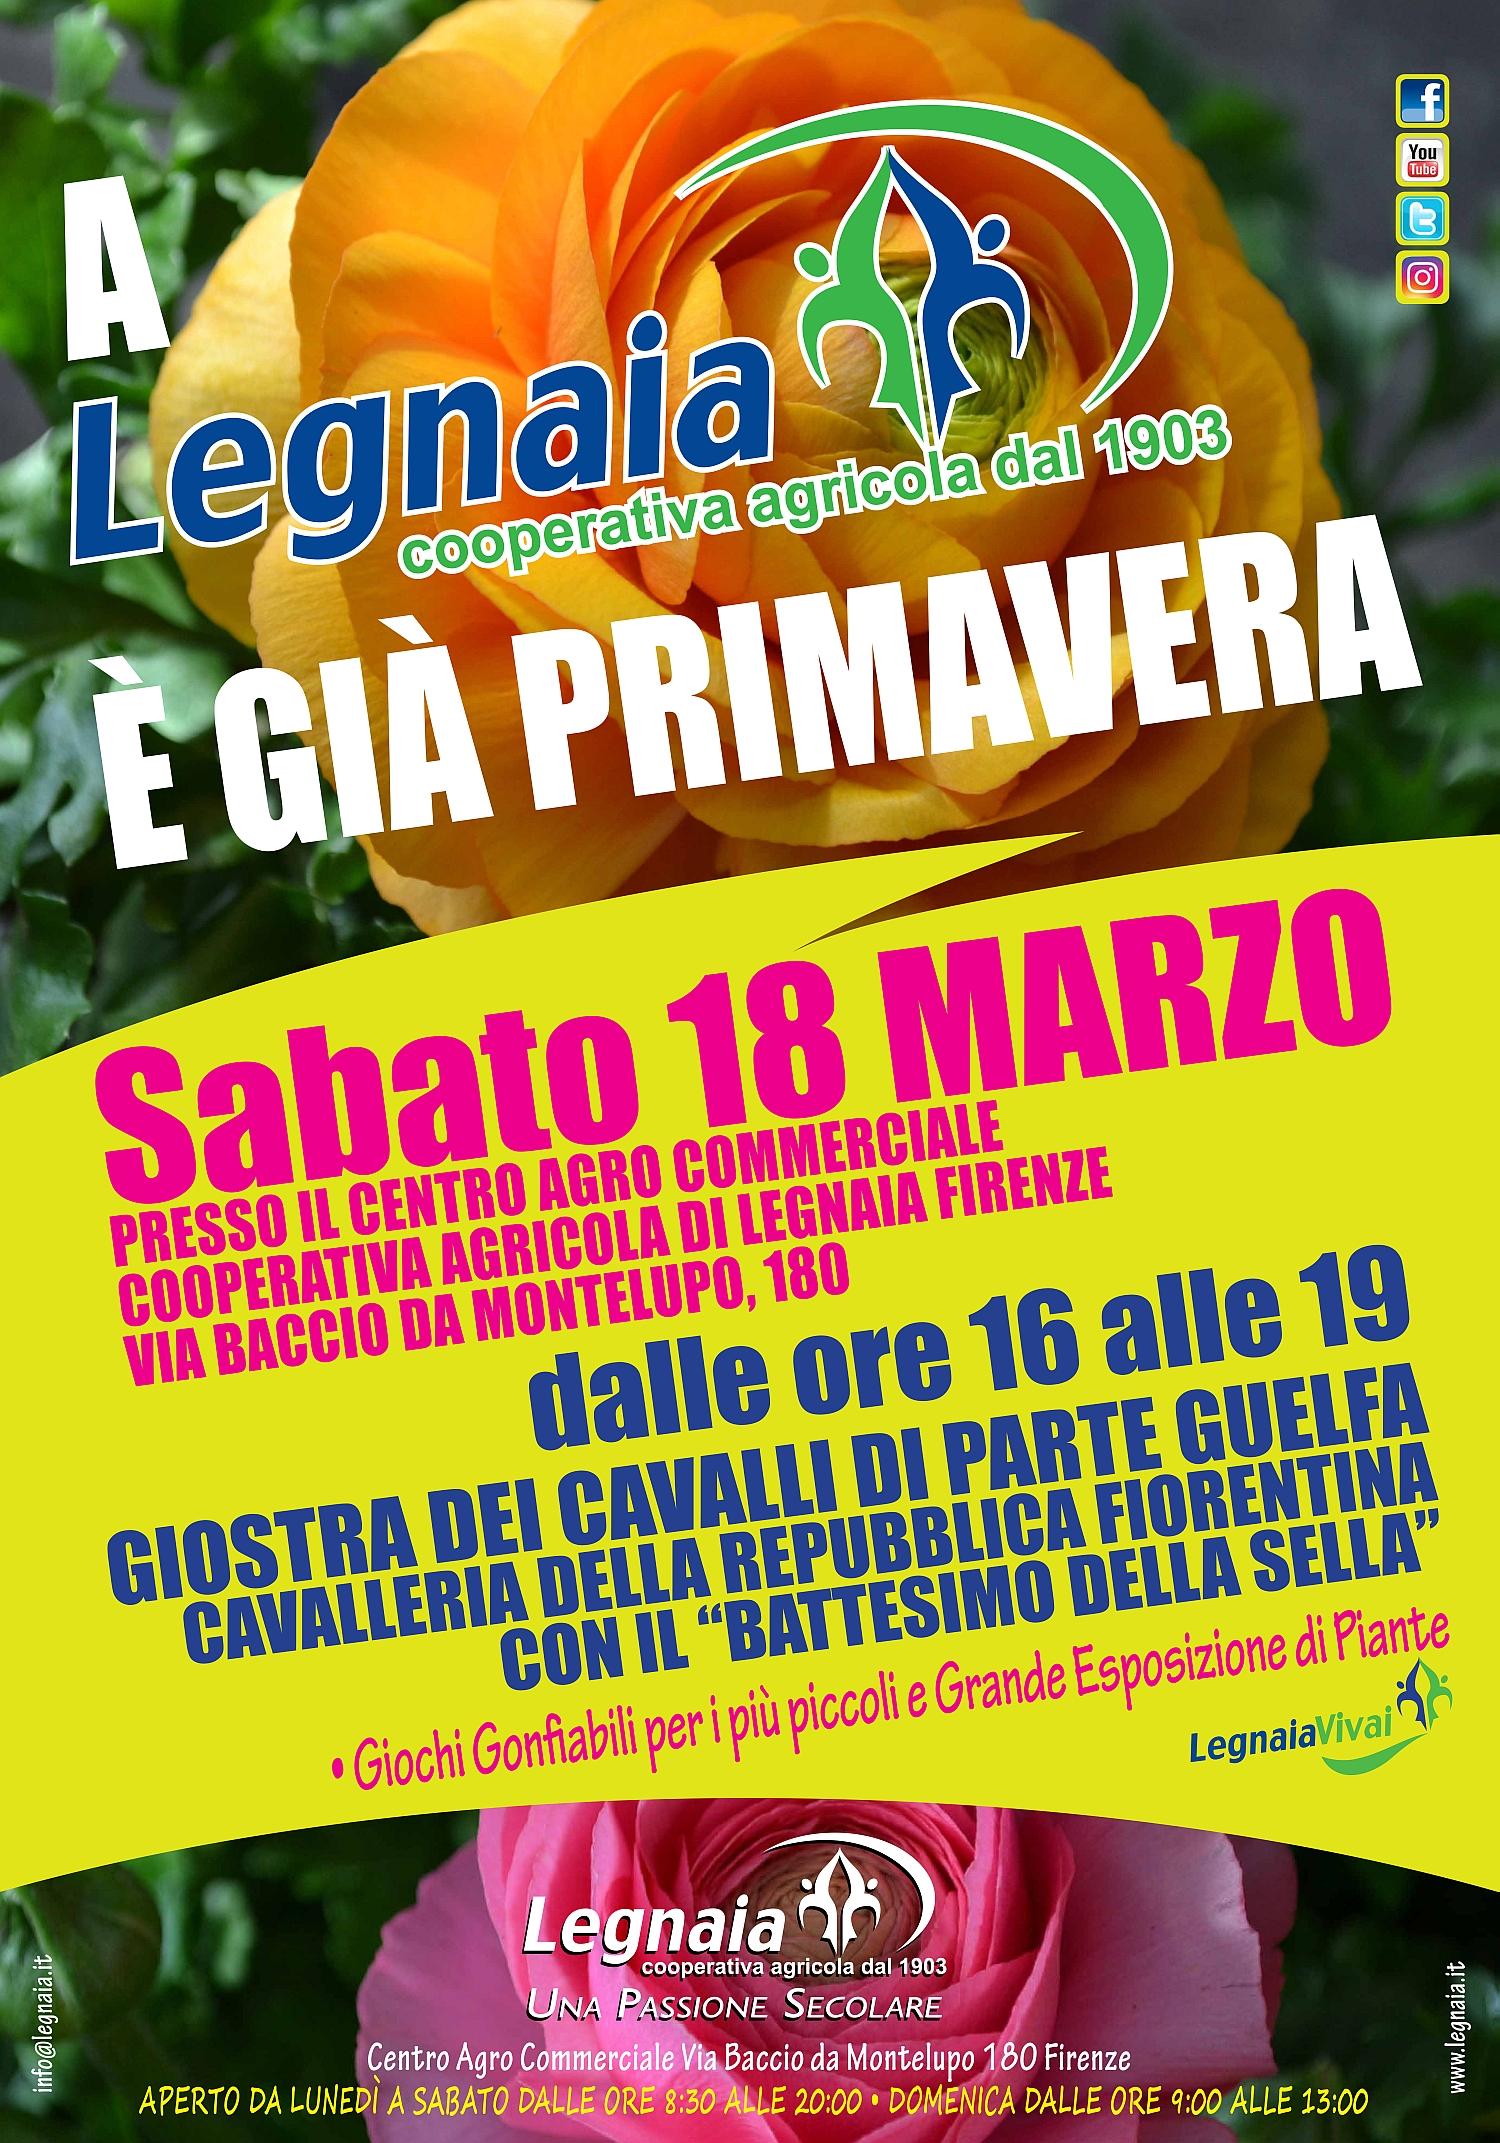 Parte Guelfa legnaia manifesto primavera 18 marzo 2017